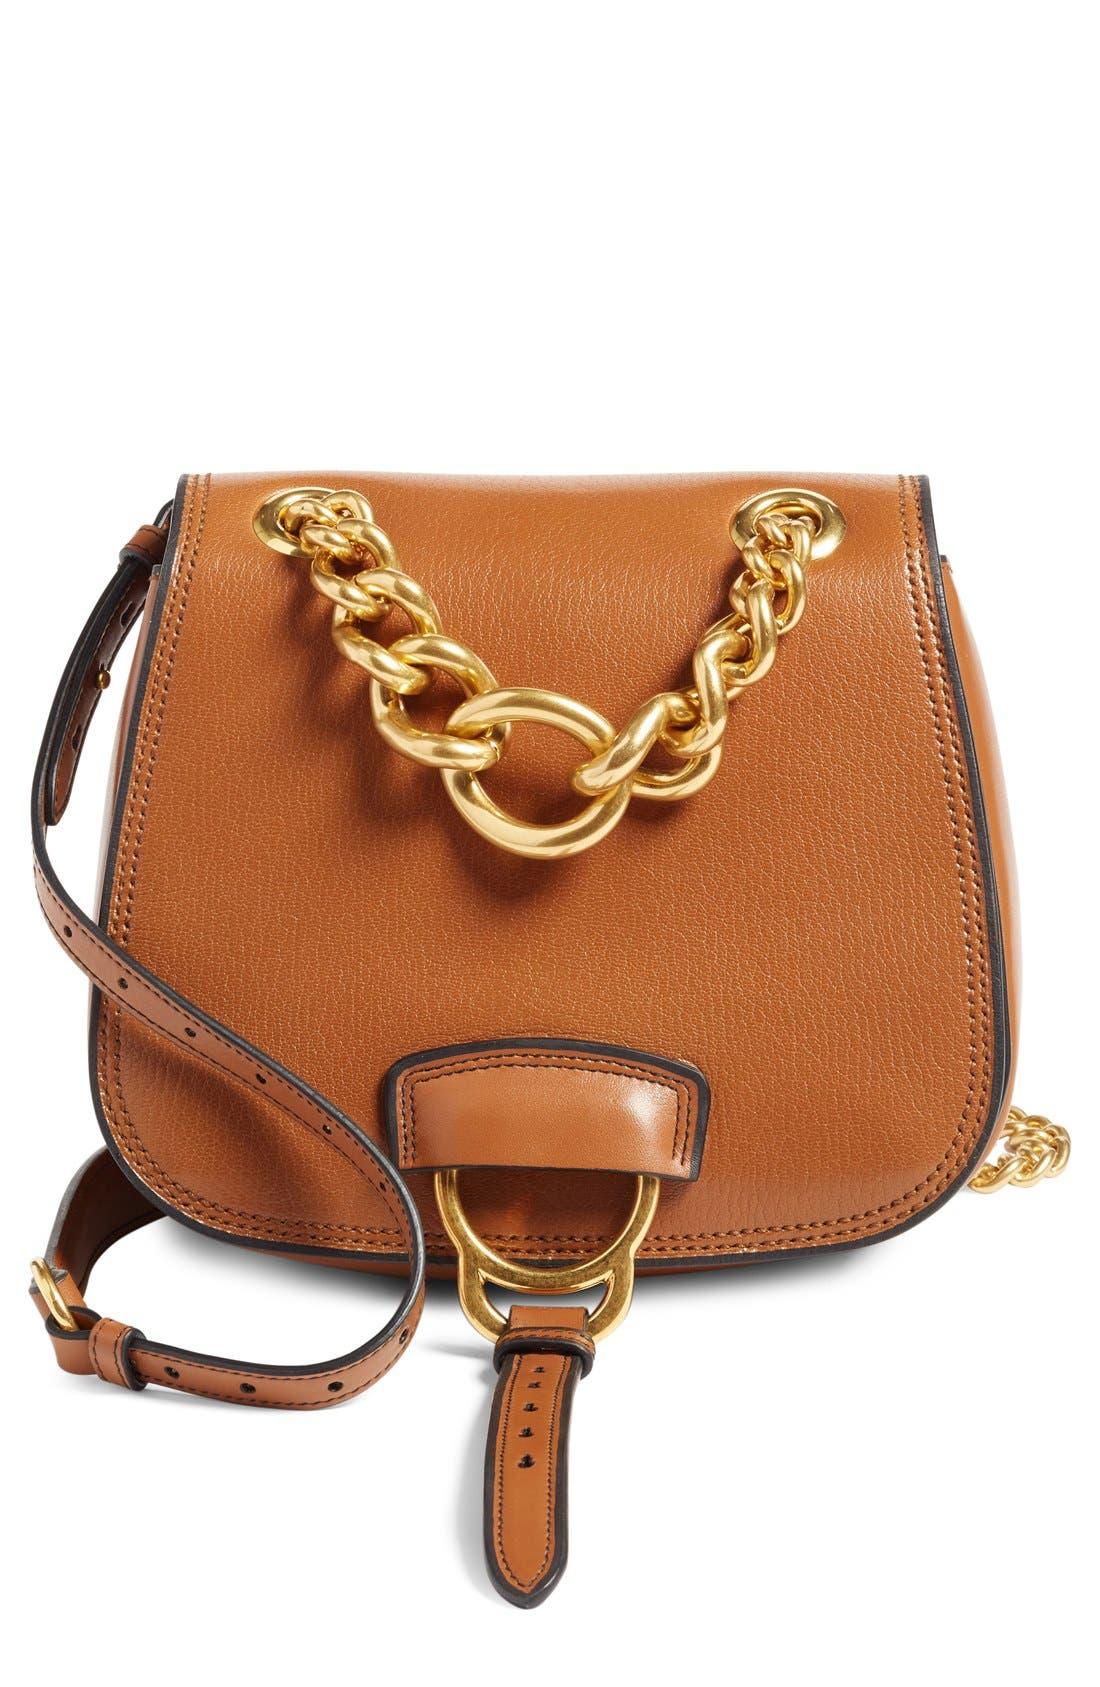 Miu Miu 'Dahlia' Goatskin Leather Saddle Bag